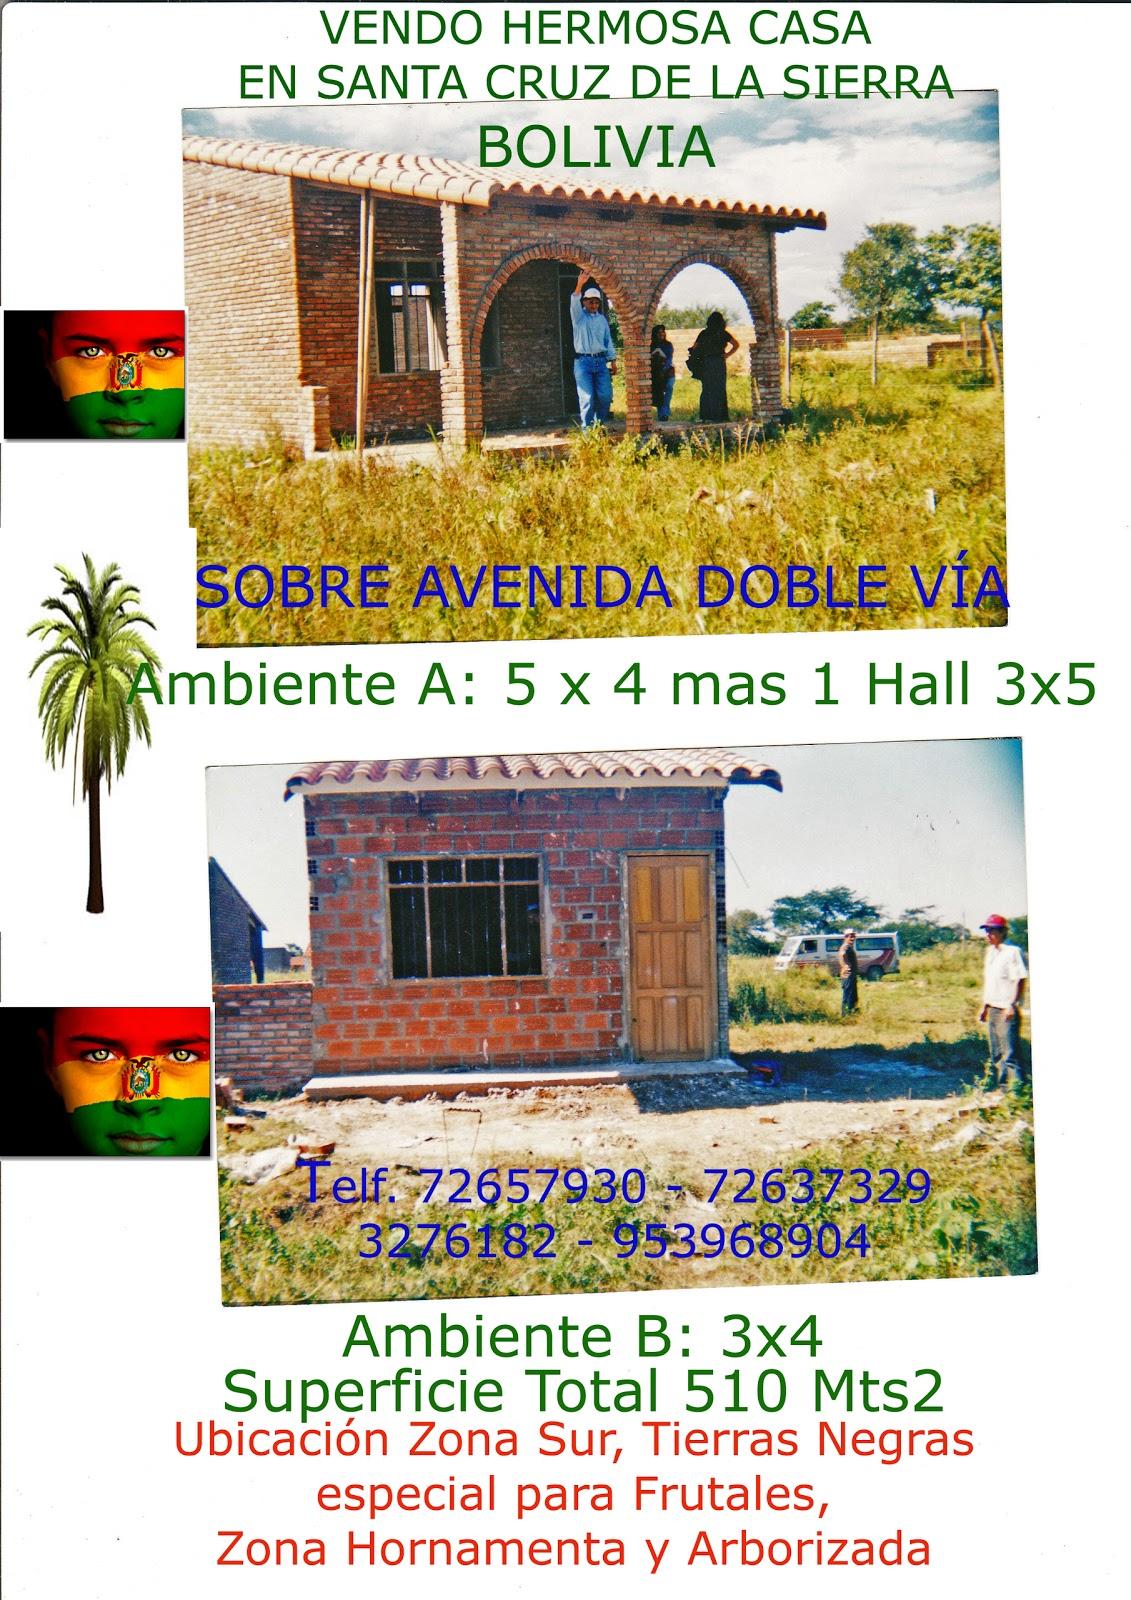 Casas y terrenos en santa cruz bolivia mayo 2011 for Casa la mansion santa cruz bolivia